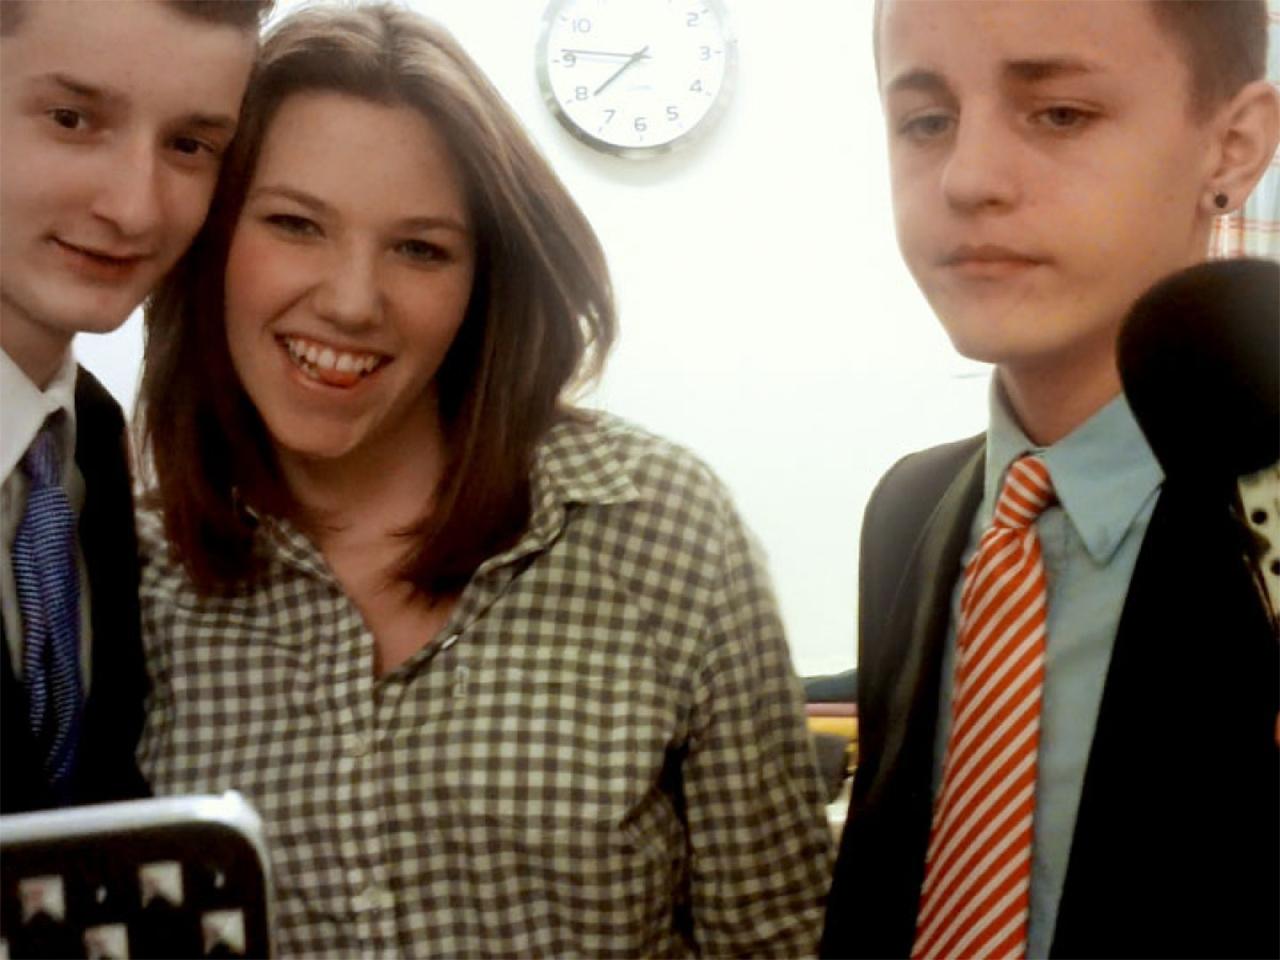 Schüler und eine Schülerin mit Handy